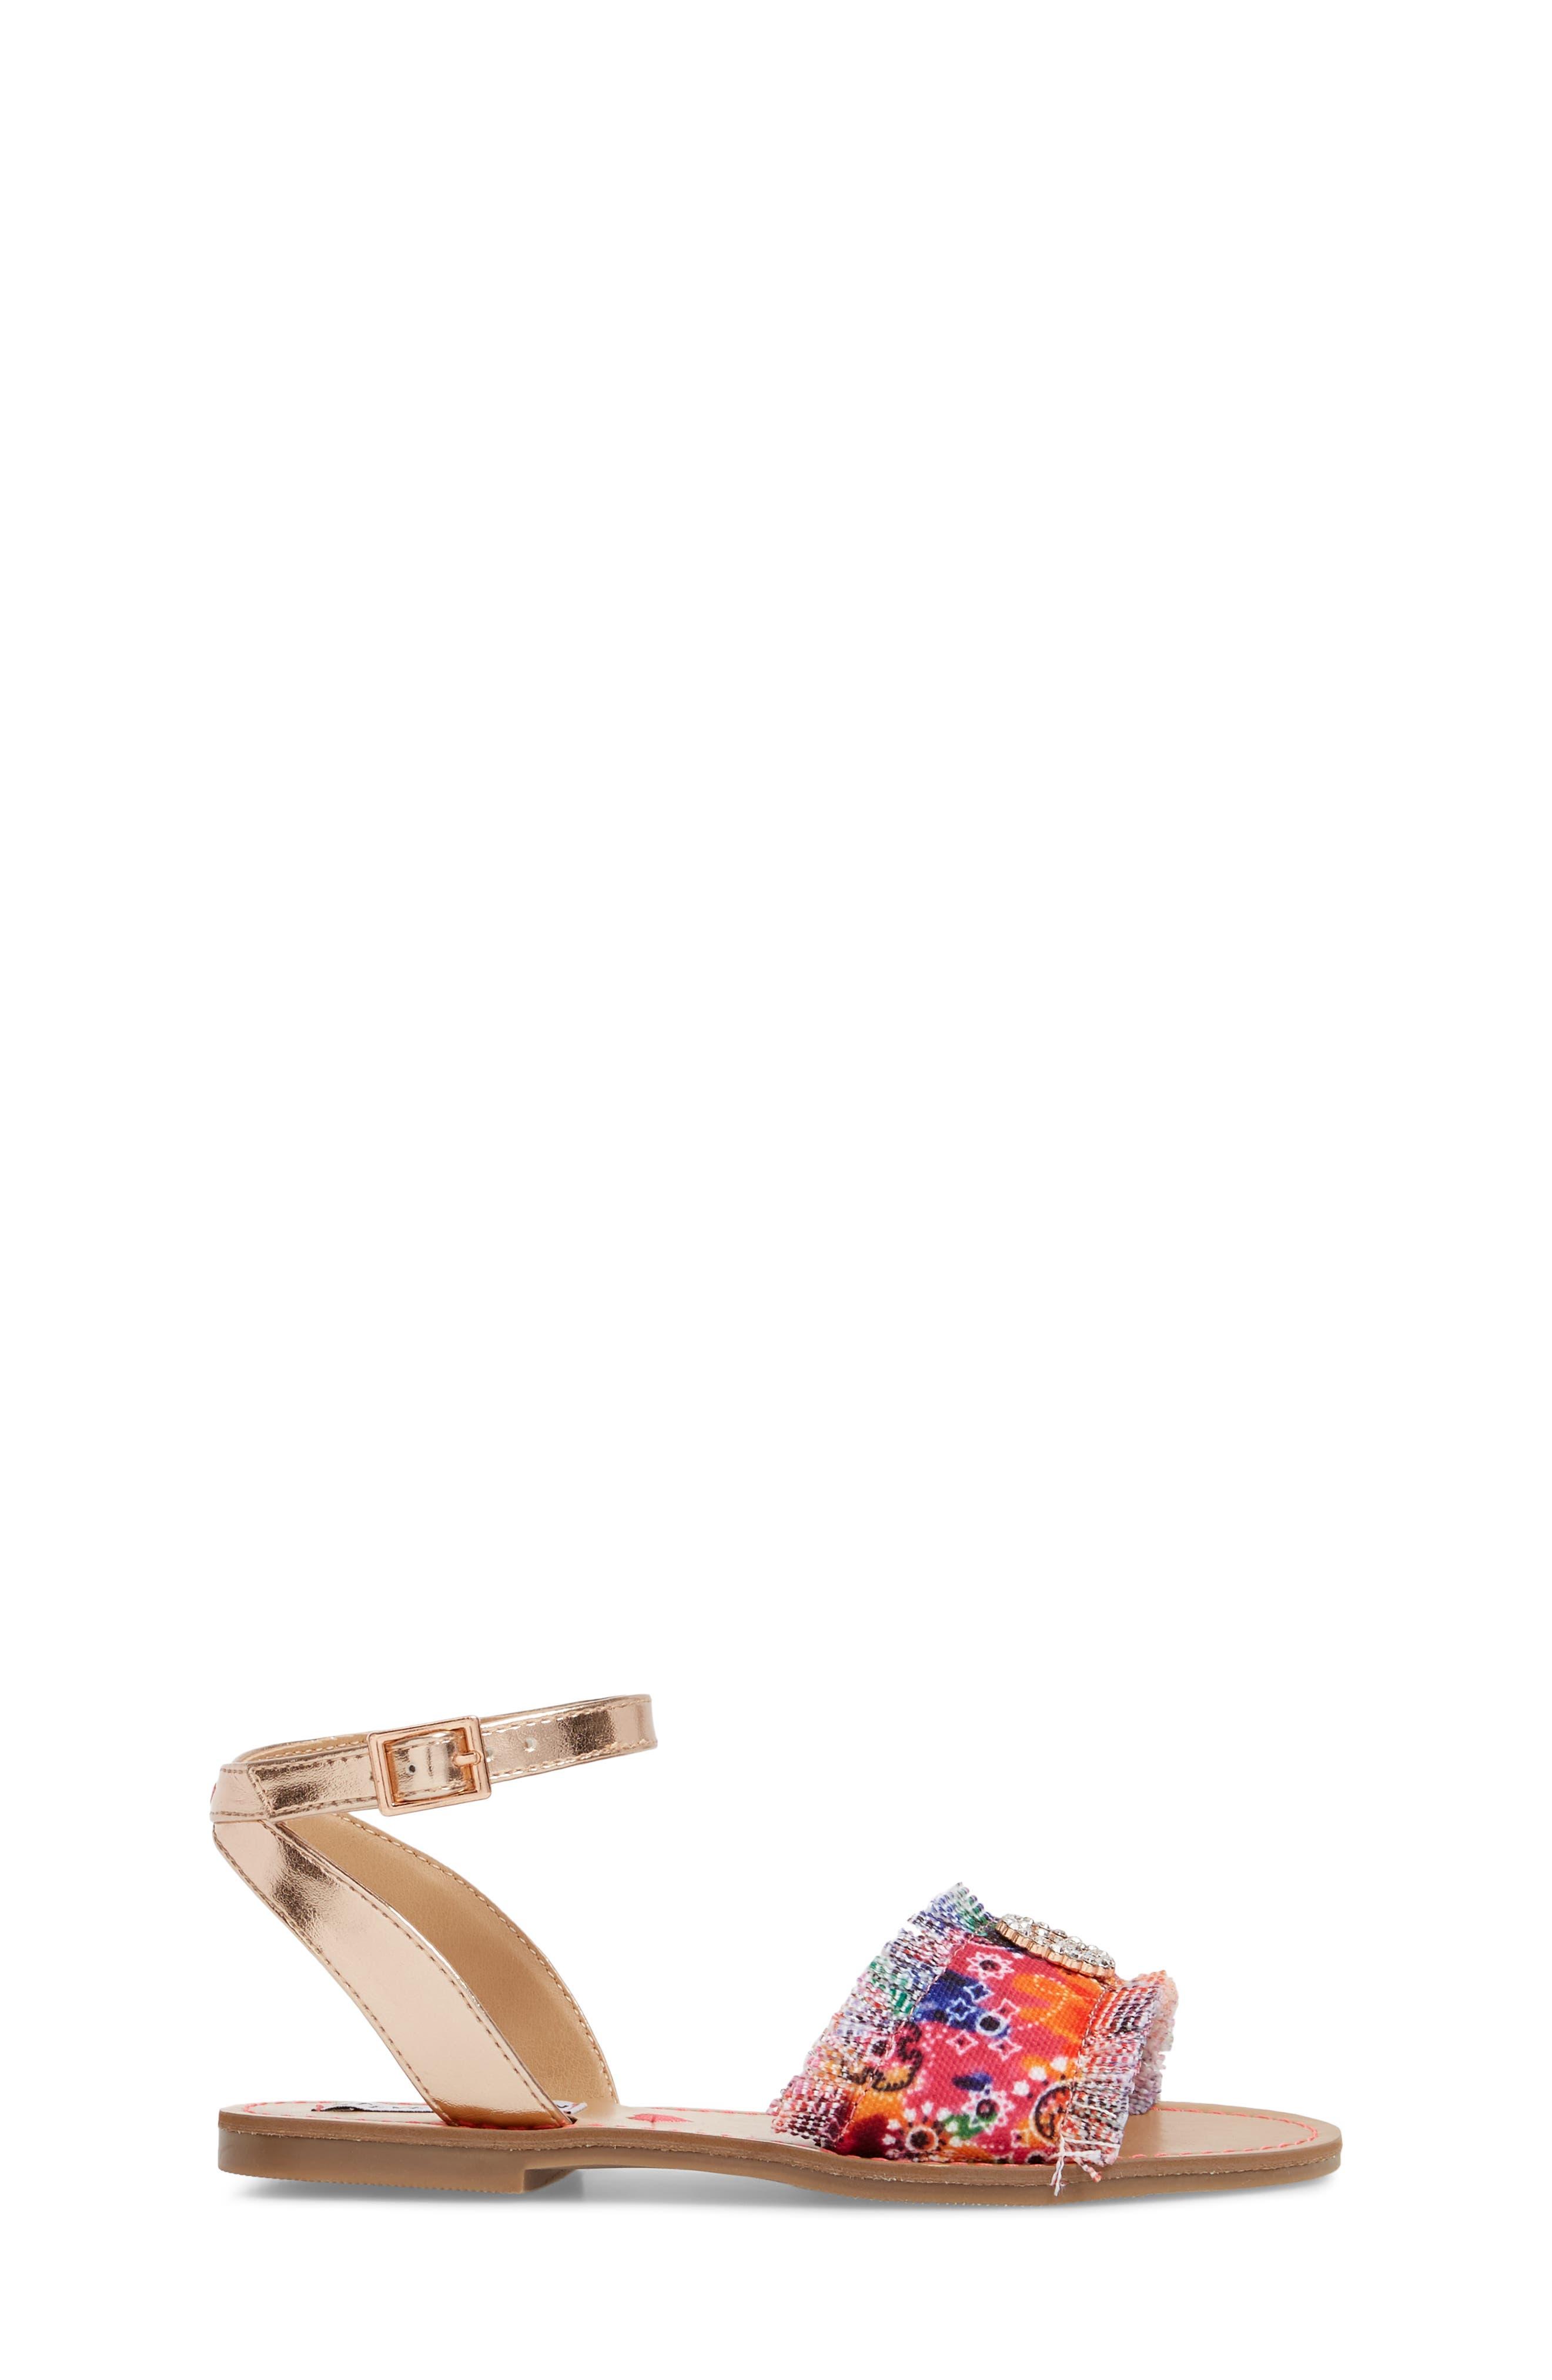 JVILLA Ankle Strap Sandal,                             Alternate thumbnail 3, color,                             Tie Dye